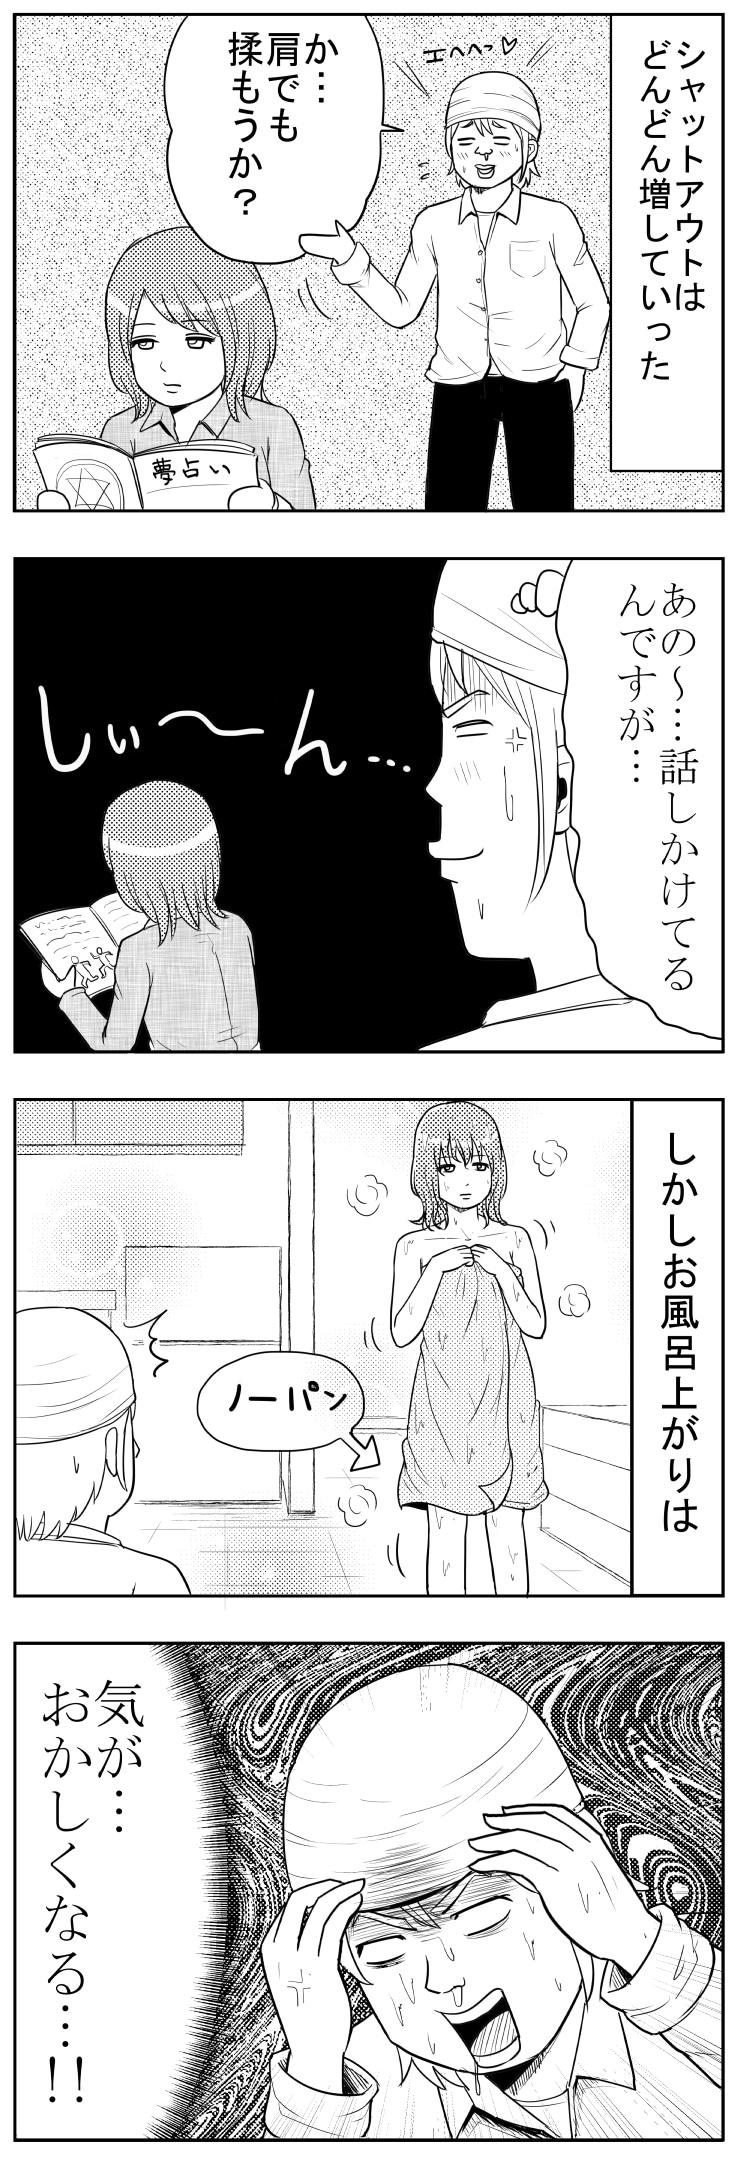 アメとムチ【漫画~キヒロの青春】㊺